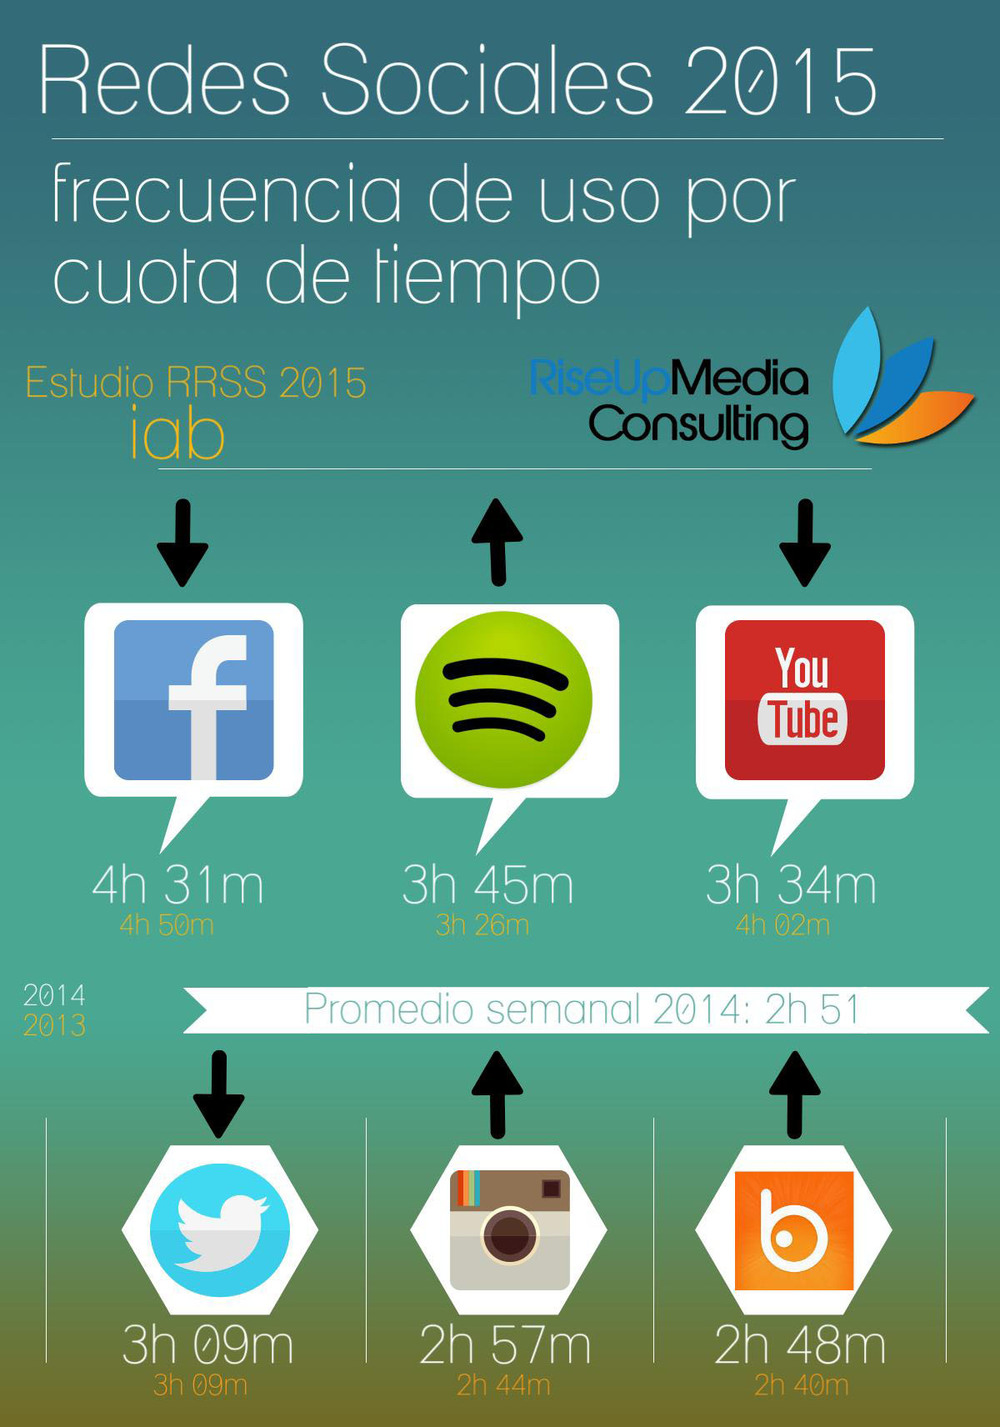 Frecuencia de uso en Redes Sociales España